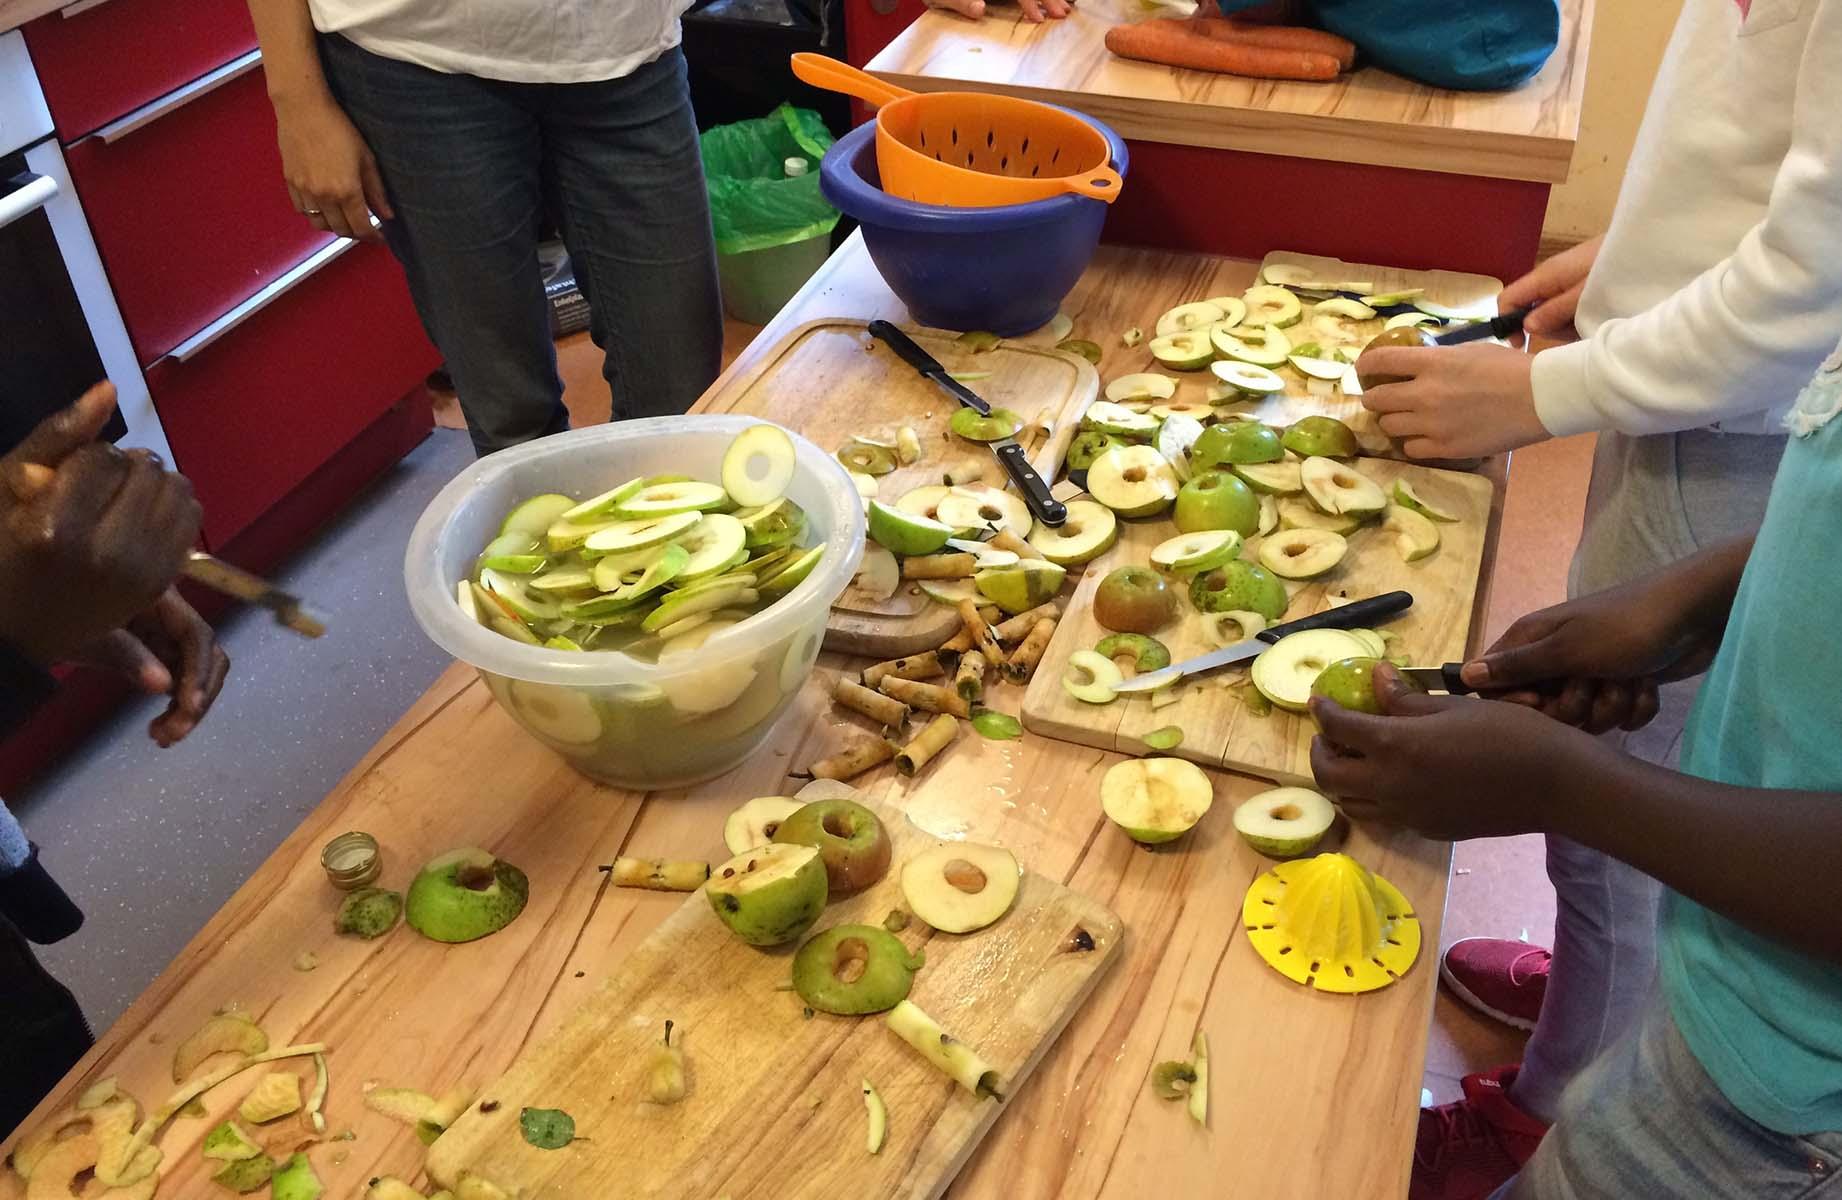 Ernährungsprojekte in Ihrer KiTa oder Schule